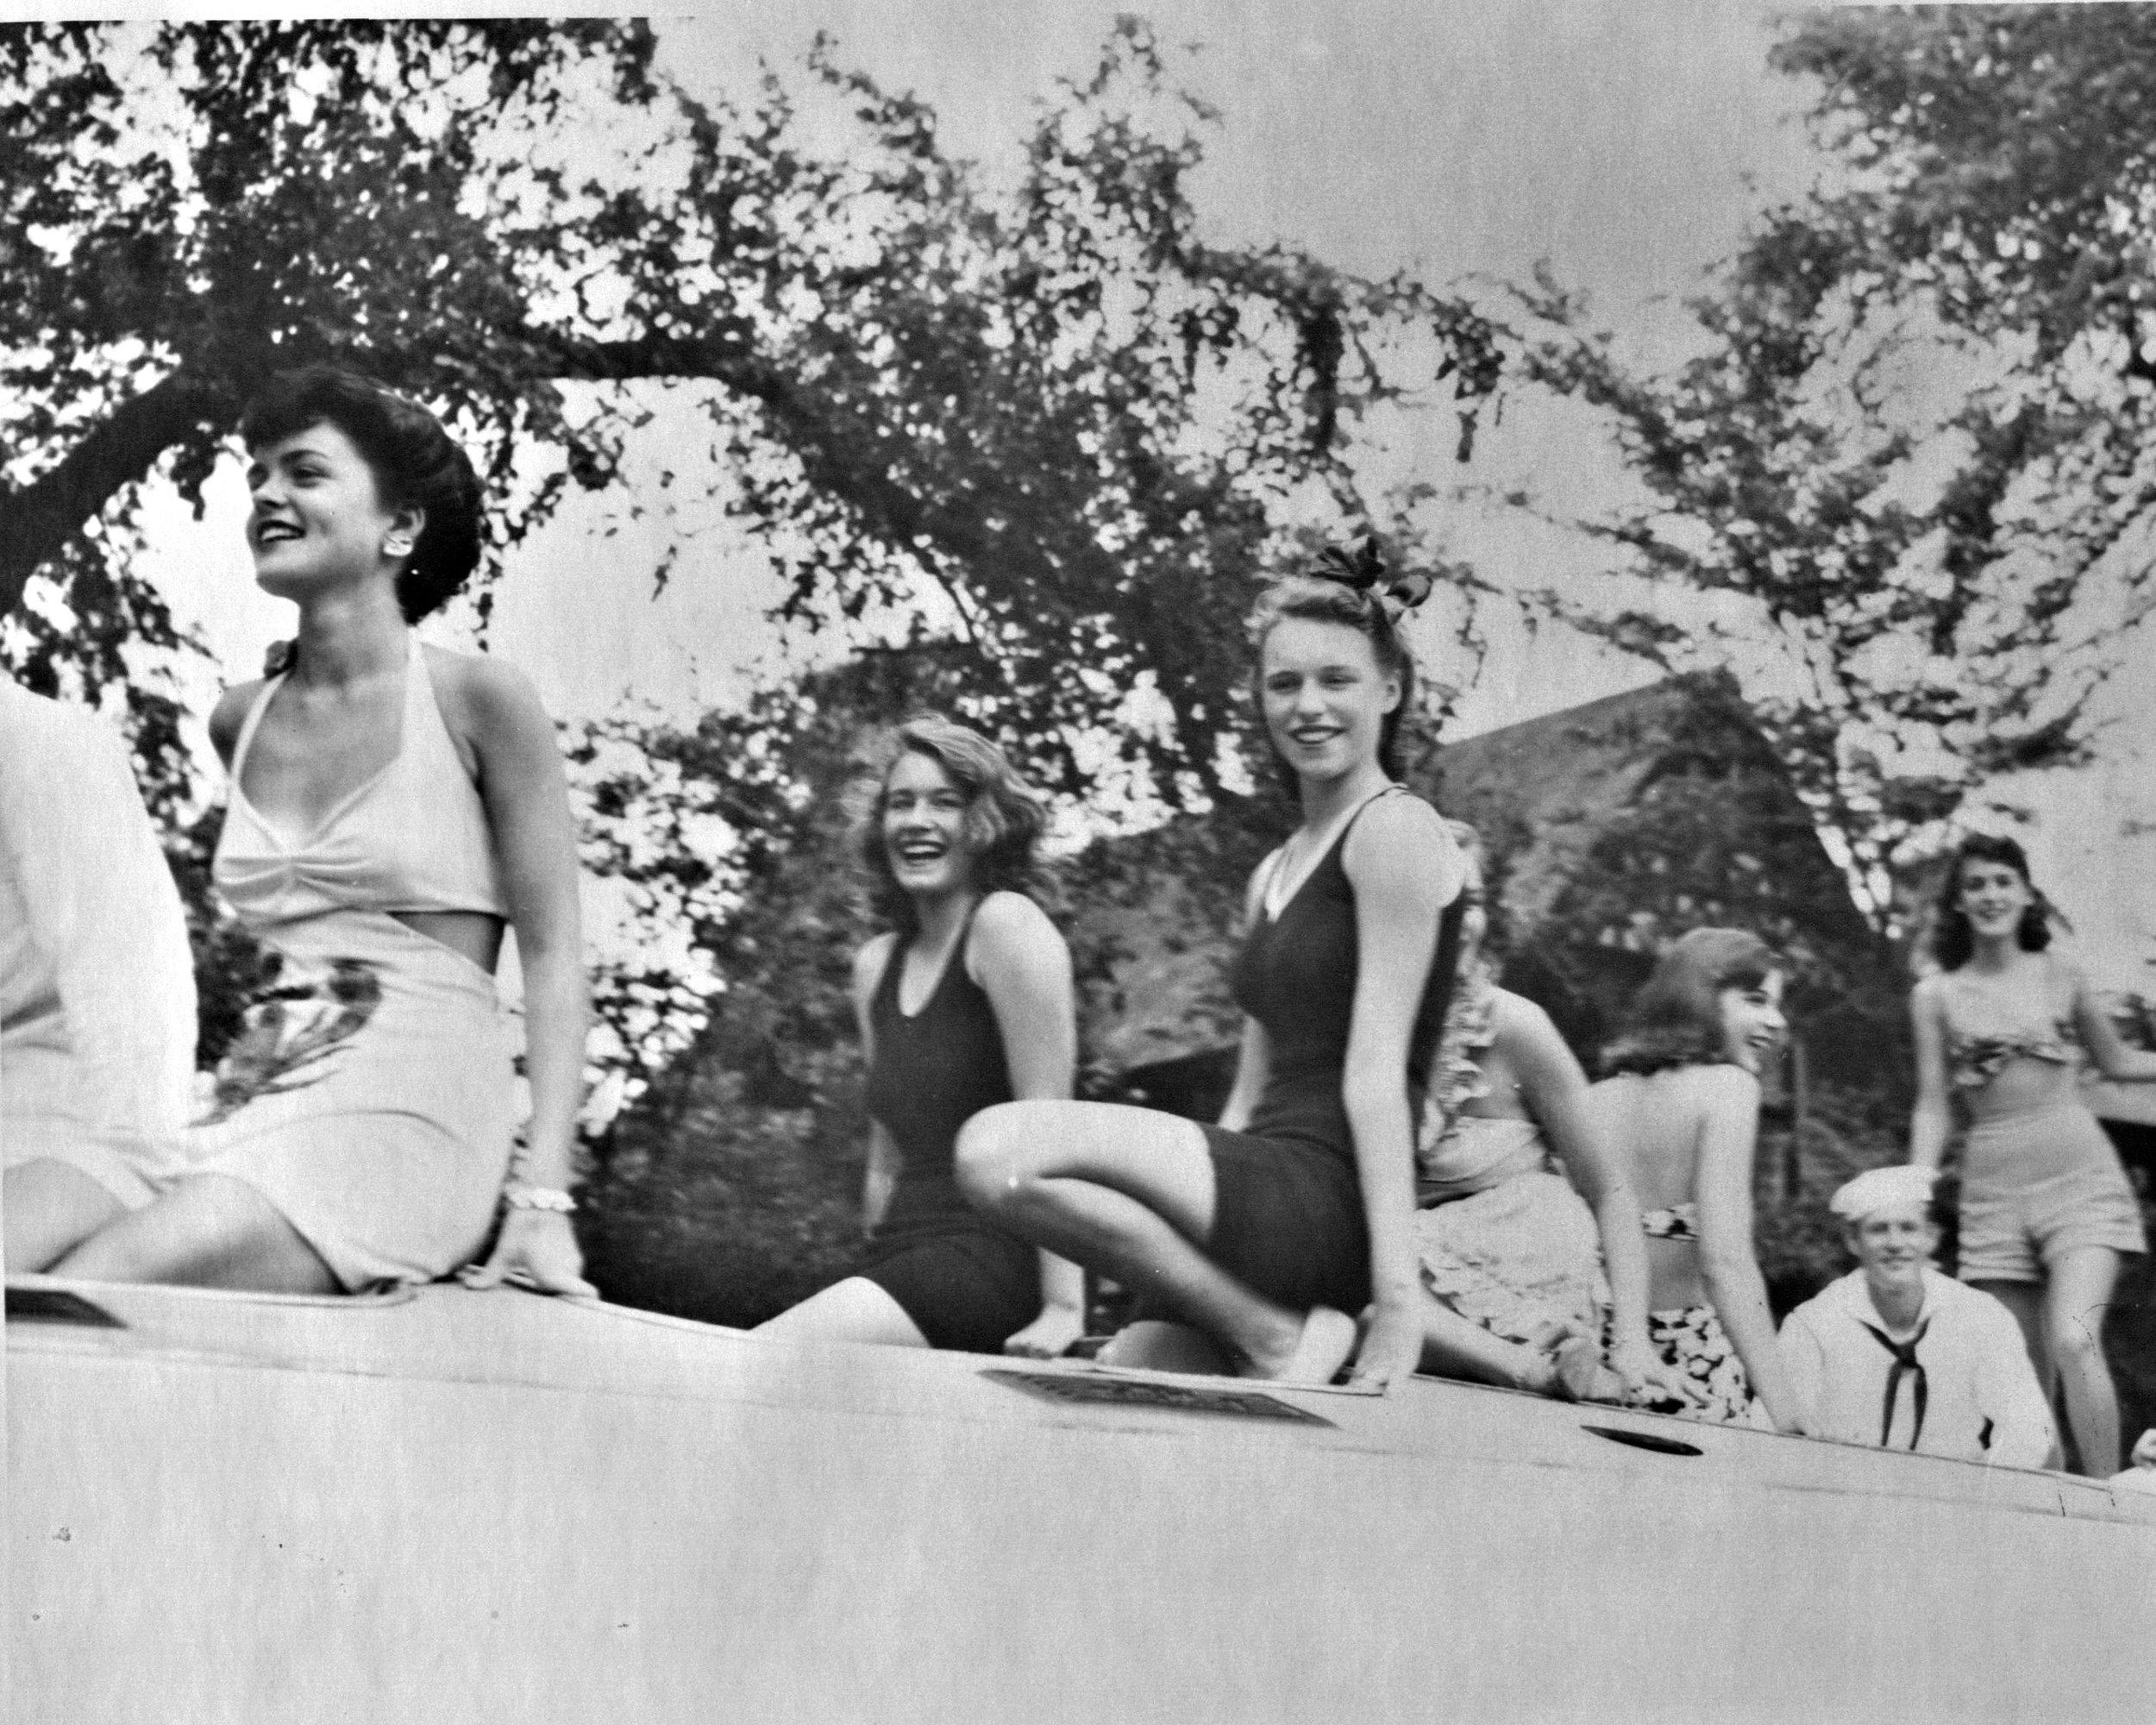 Bathing beauties float, LVIS 50th anniversary